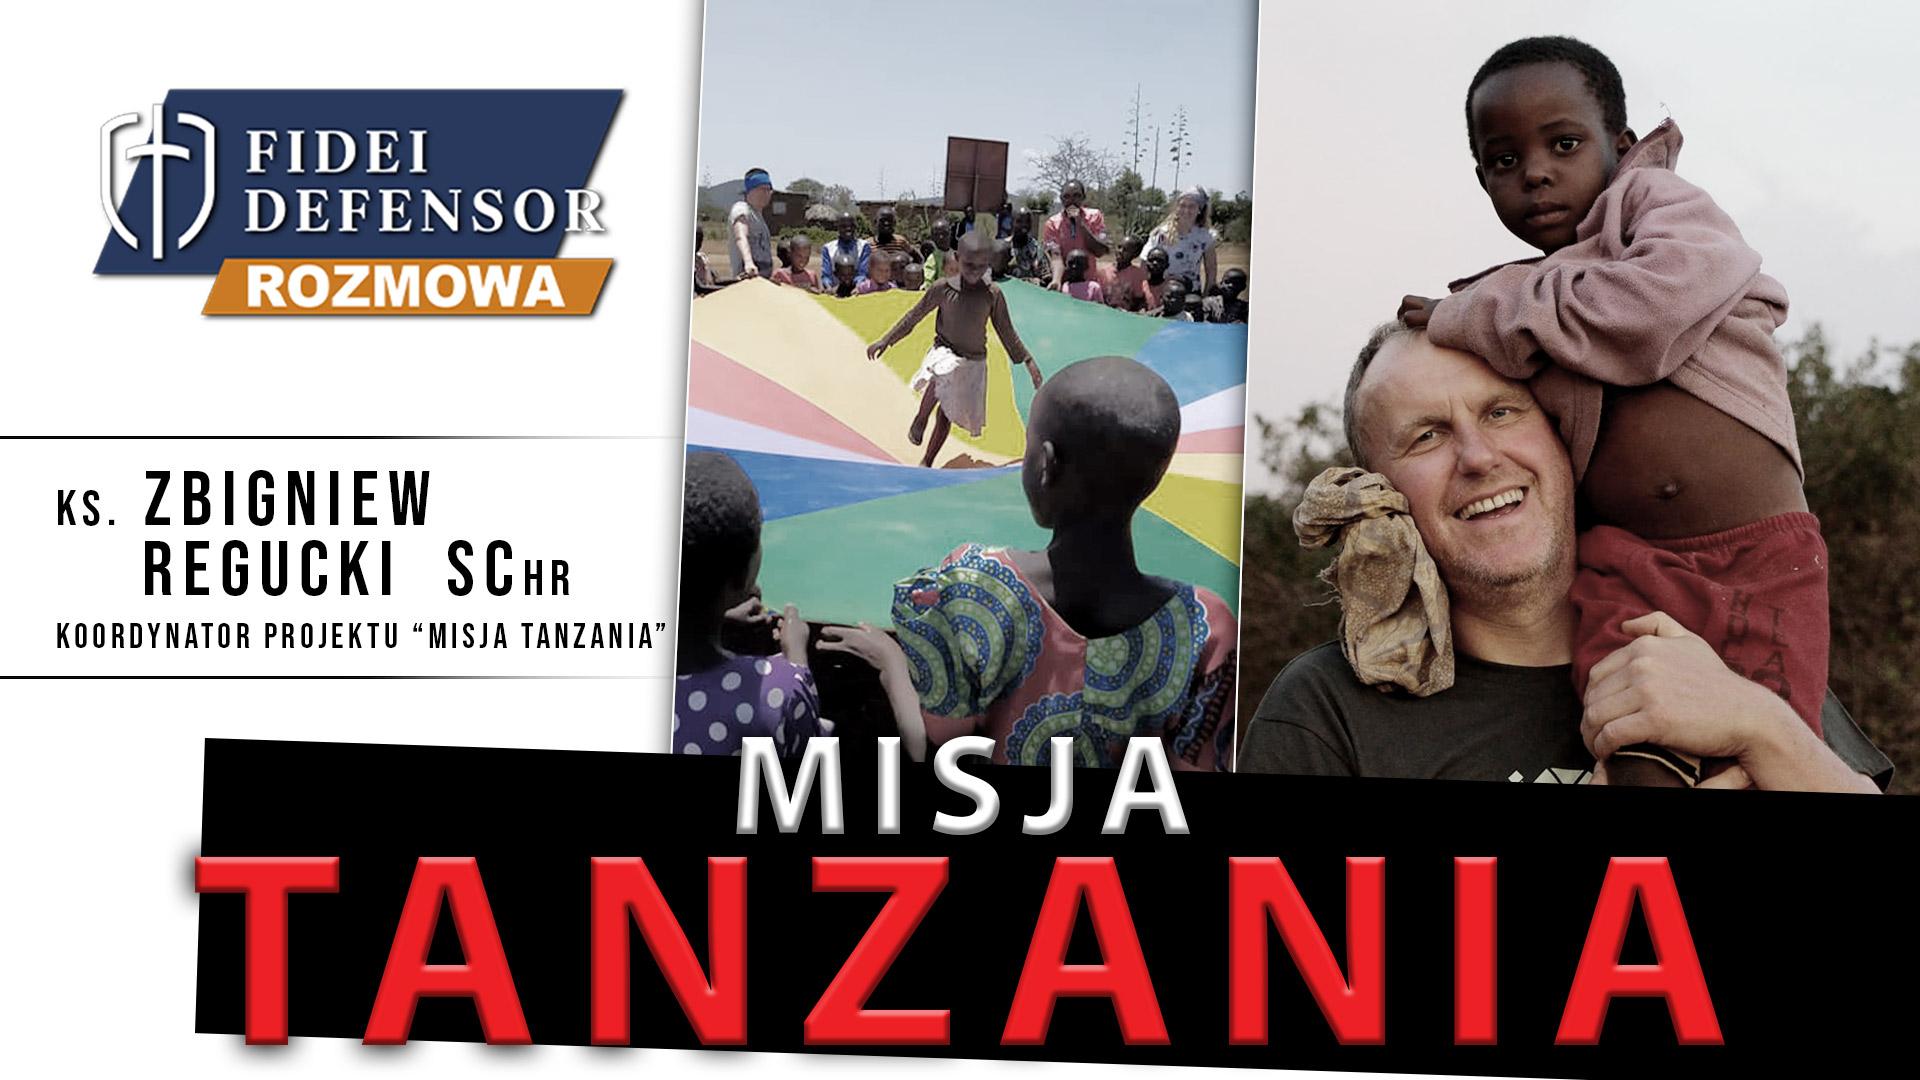 Misja TANZANIA – ks Zbigniew Regucki SChr gościem Rozmowy Fidei Defensor